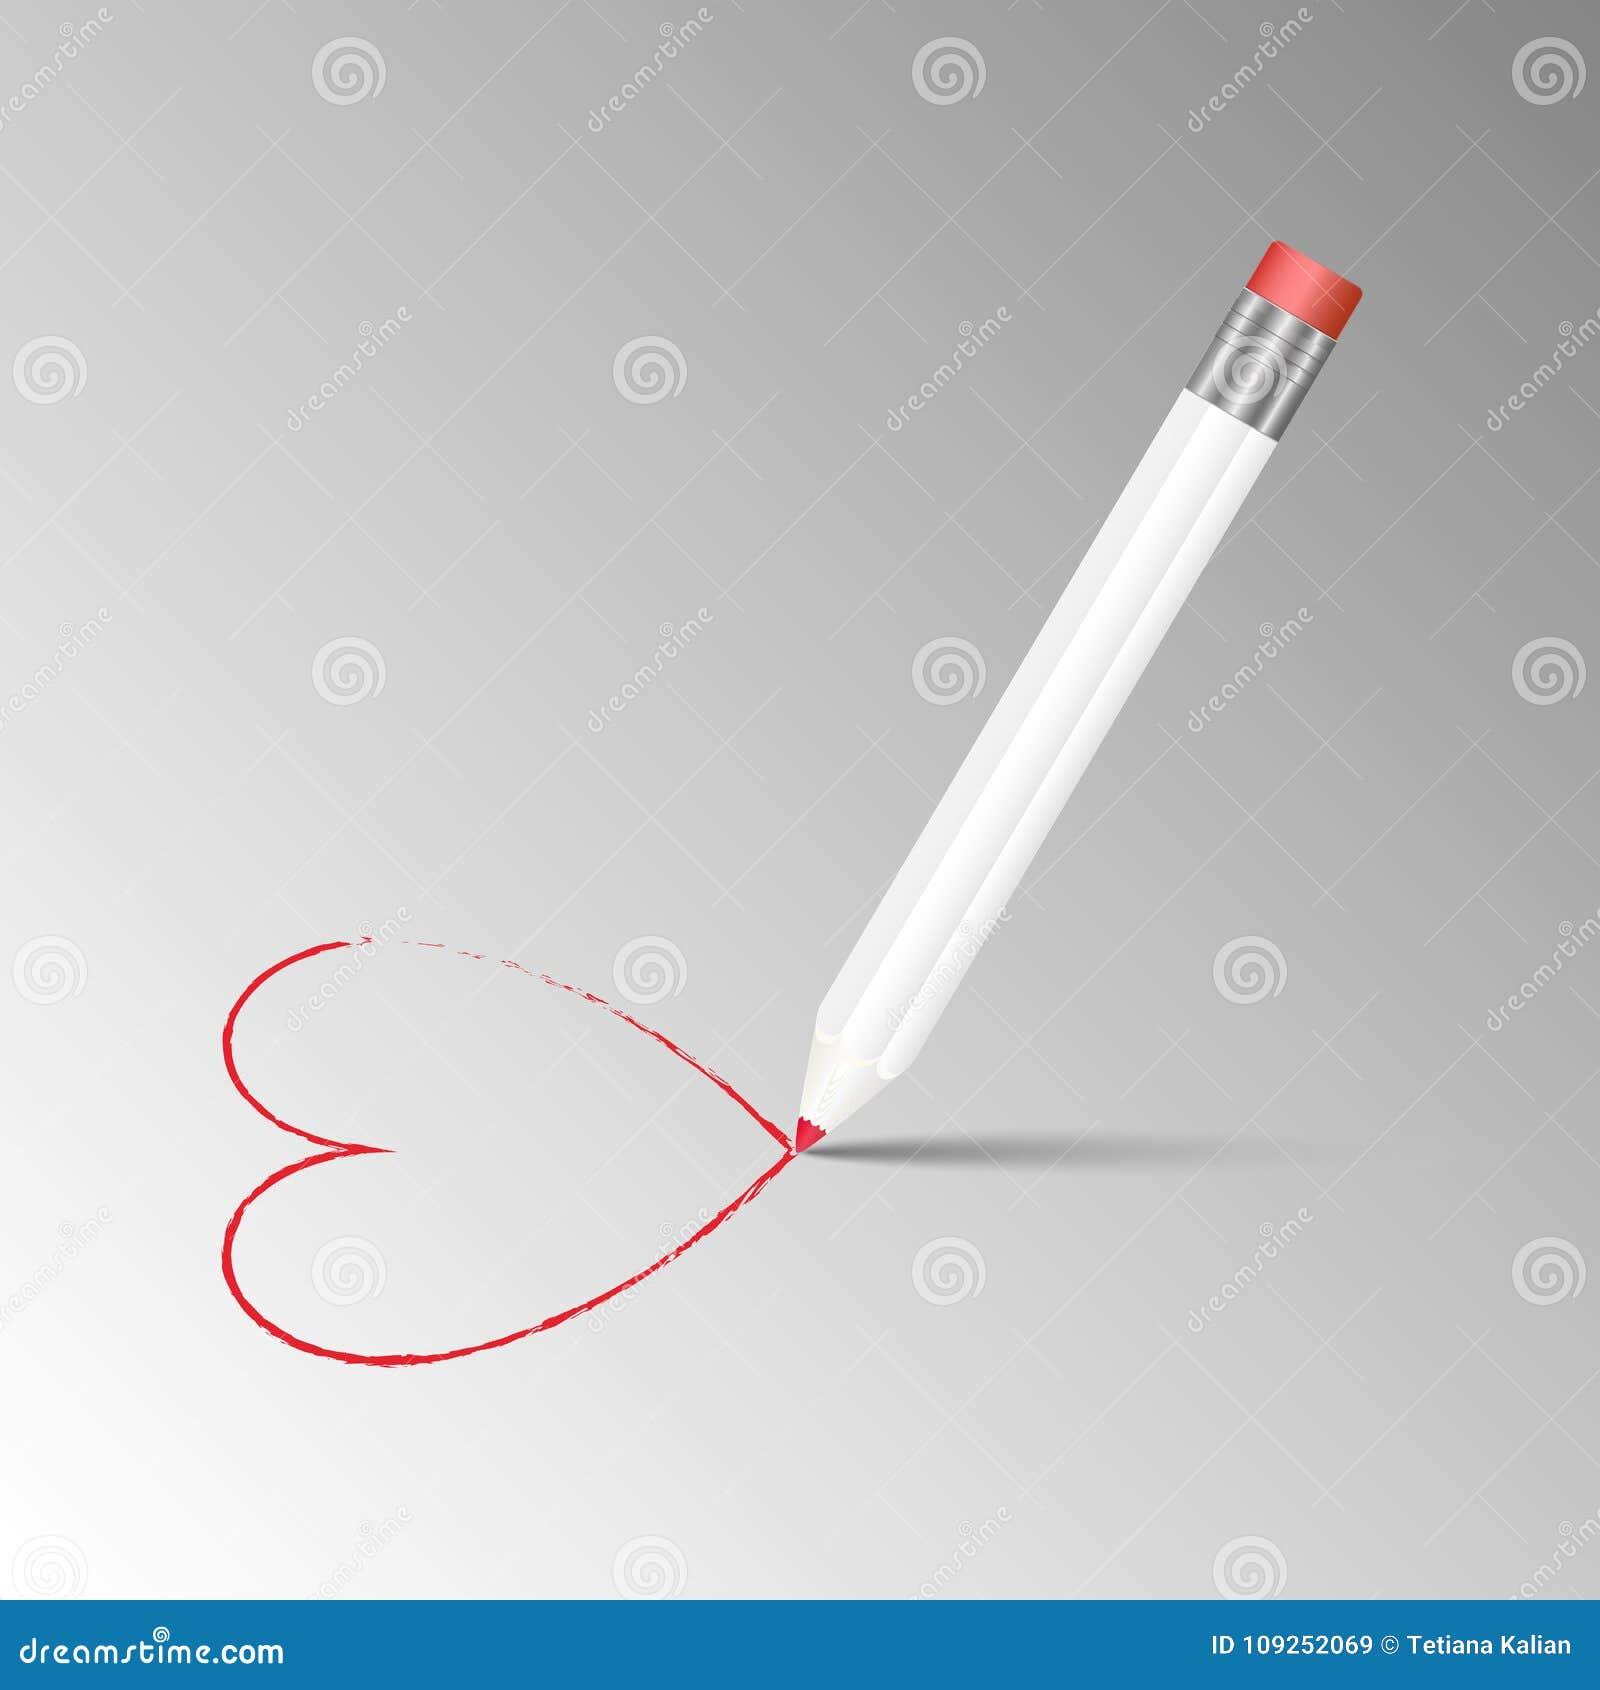 Vector el ejemplo del lápiz blanco afilado del grafito de madera detallado con el borrador en el top que dibuja un corazón rojo e